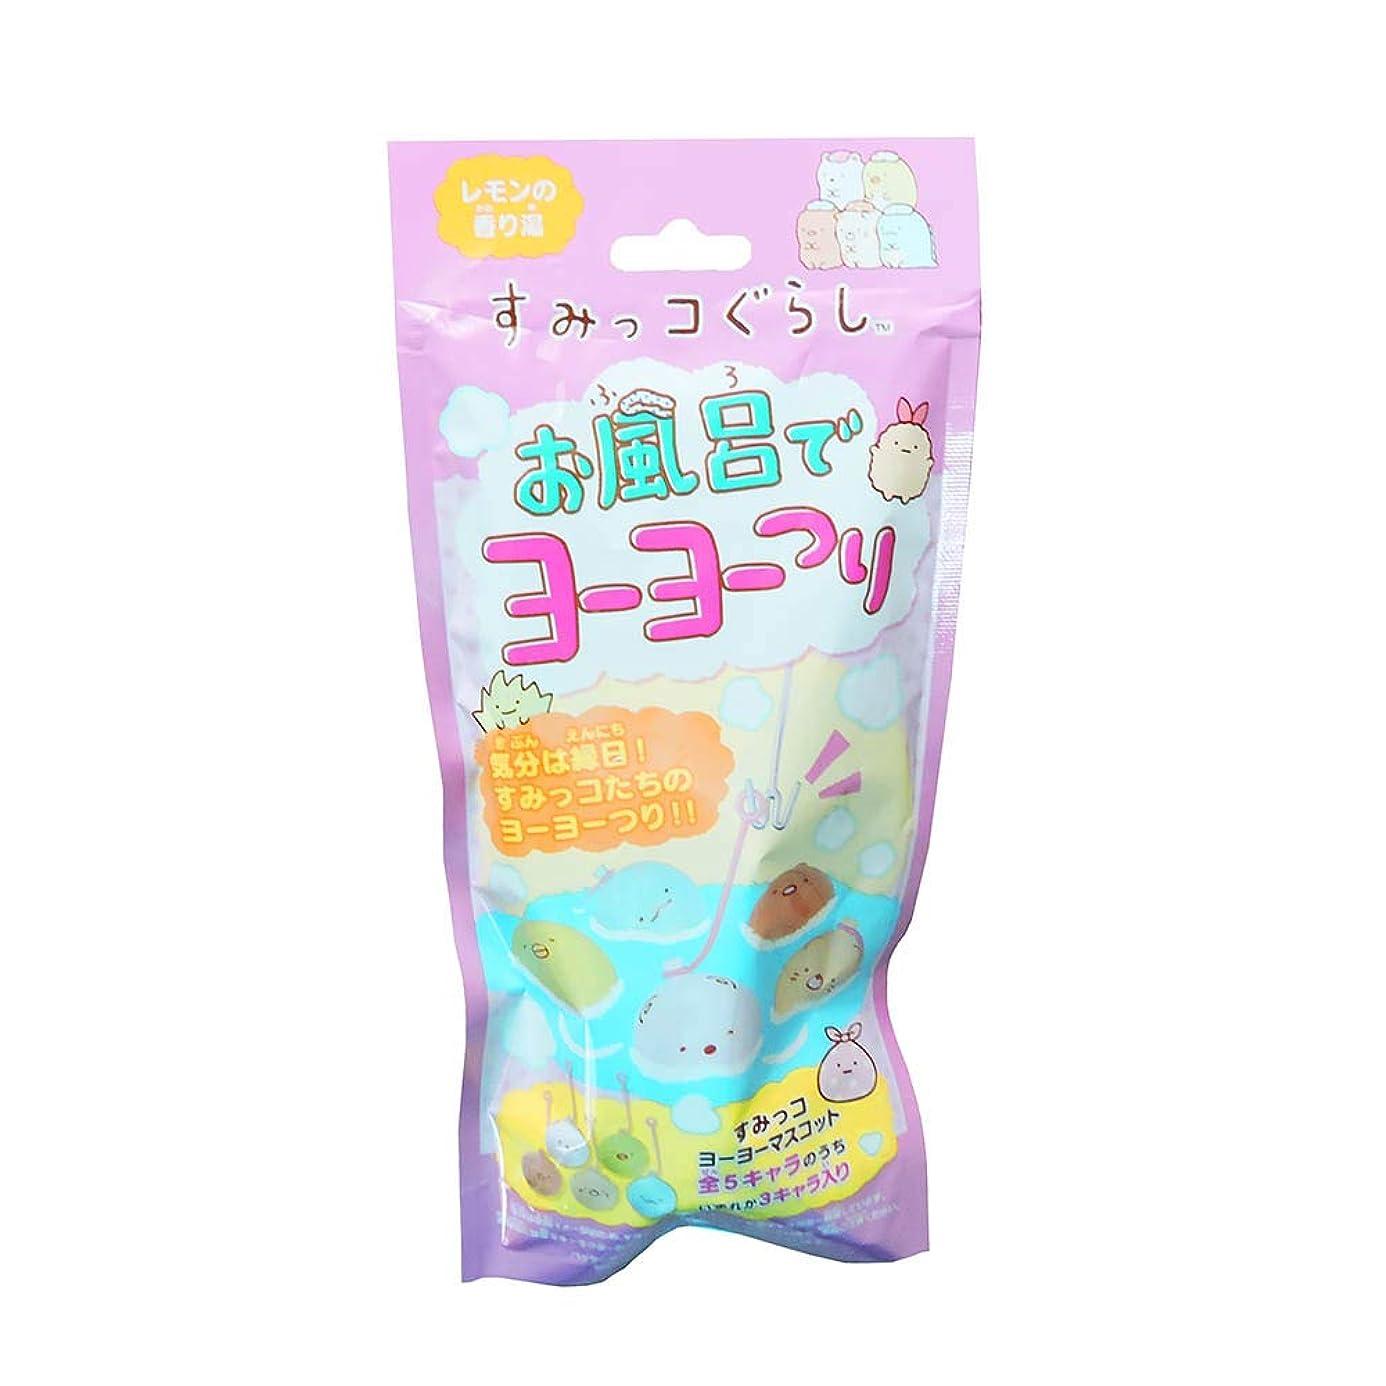 横向き版十分ですすみっコぐらし お風呂でヨーヨーつり レモンの香り湯 25g(1包)